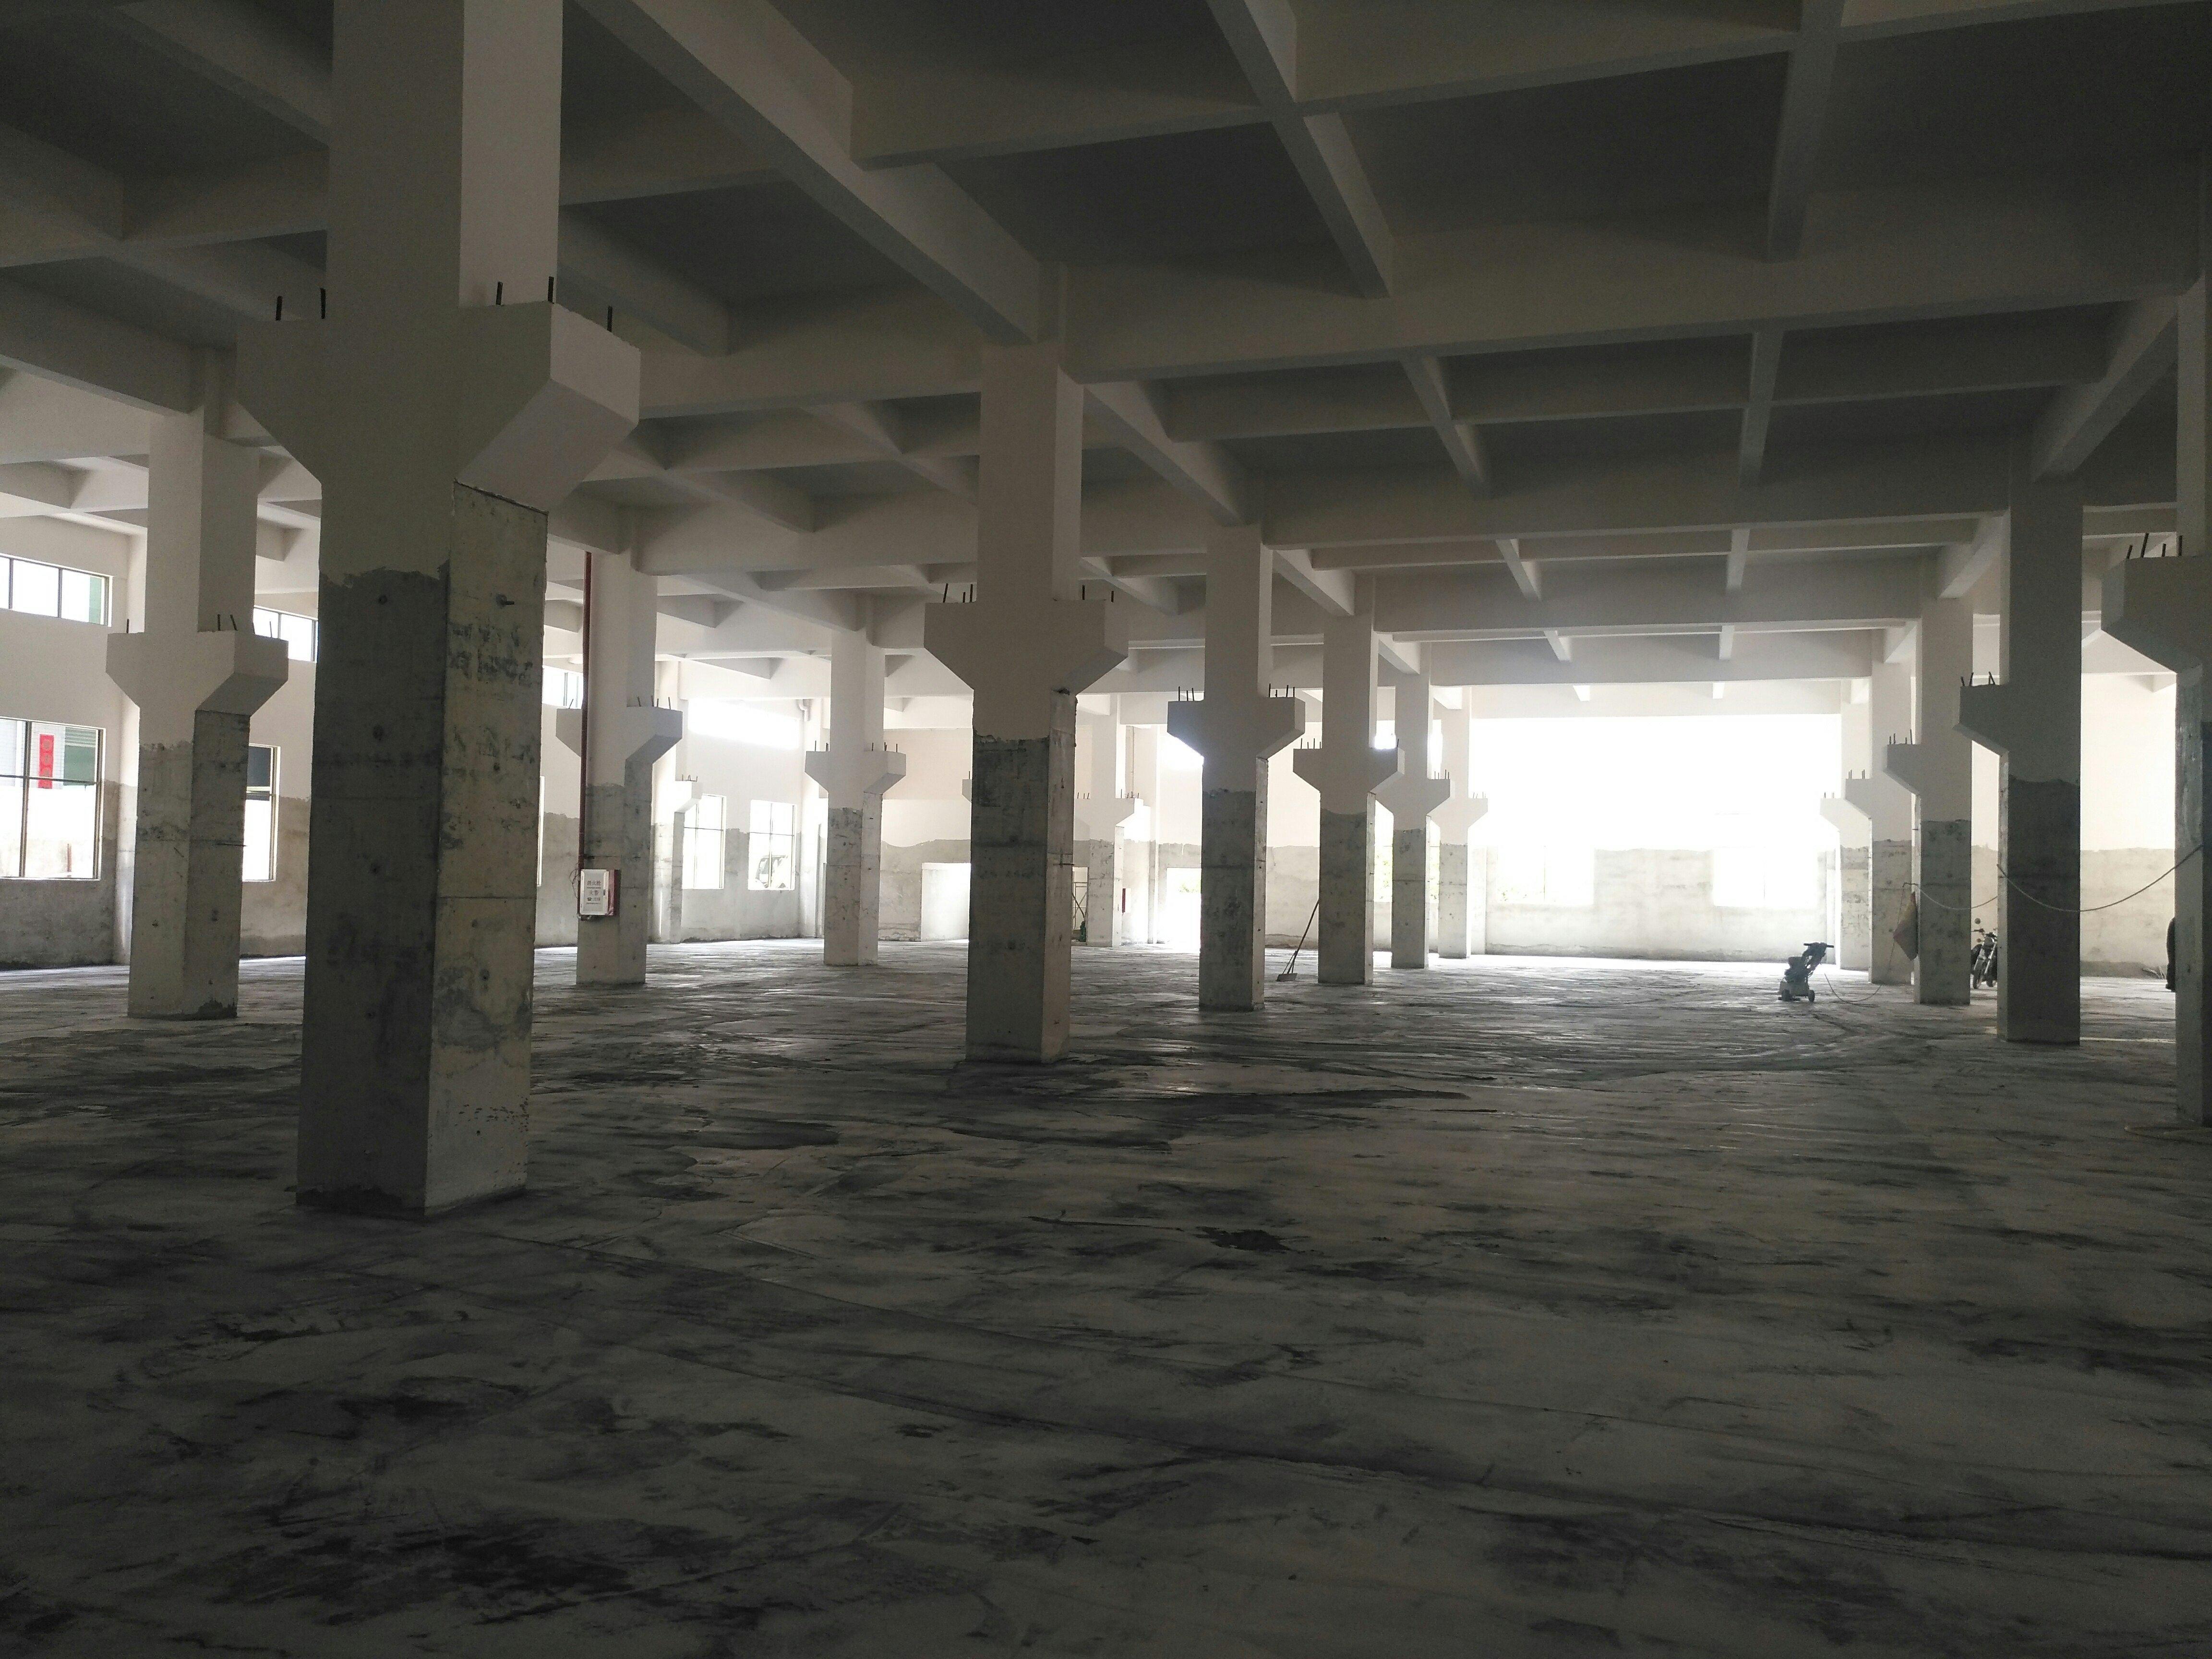 清溪镇全新标准厂房1至6层,每层4000平方分租-图5